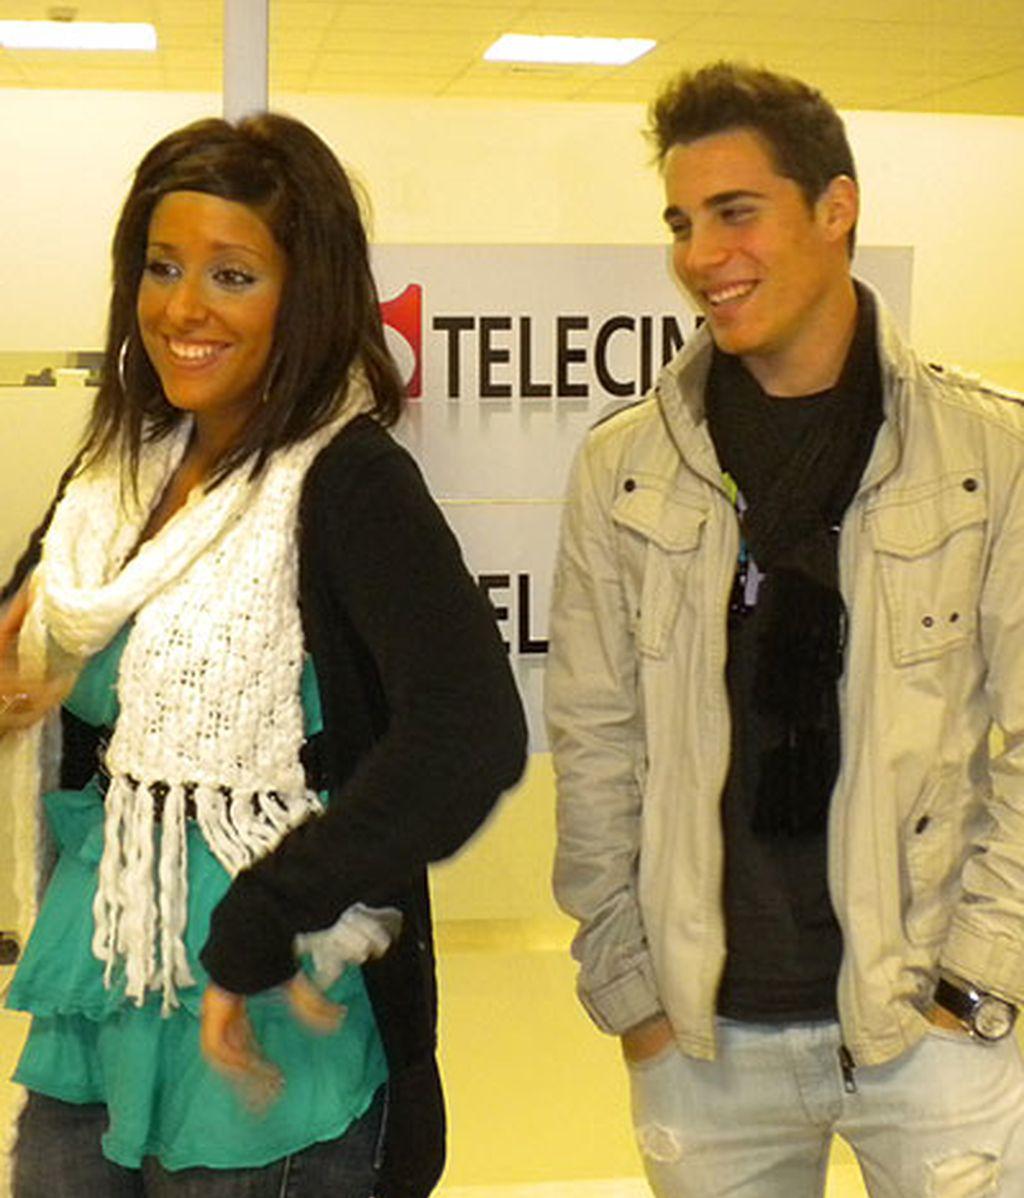 Jenni y Nacho, en telecinco.es